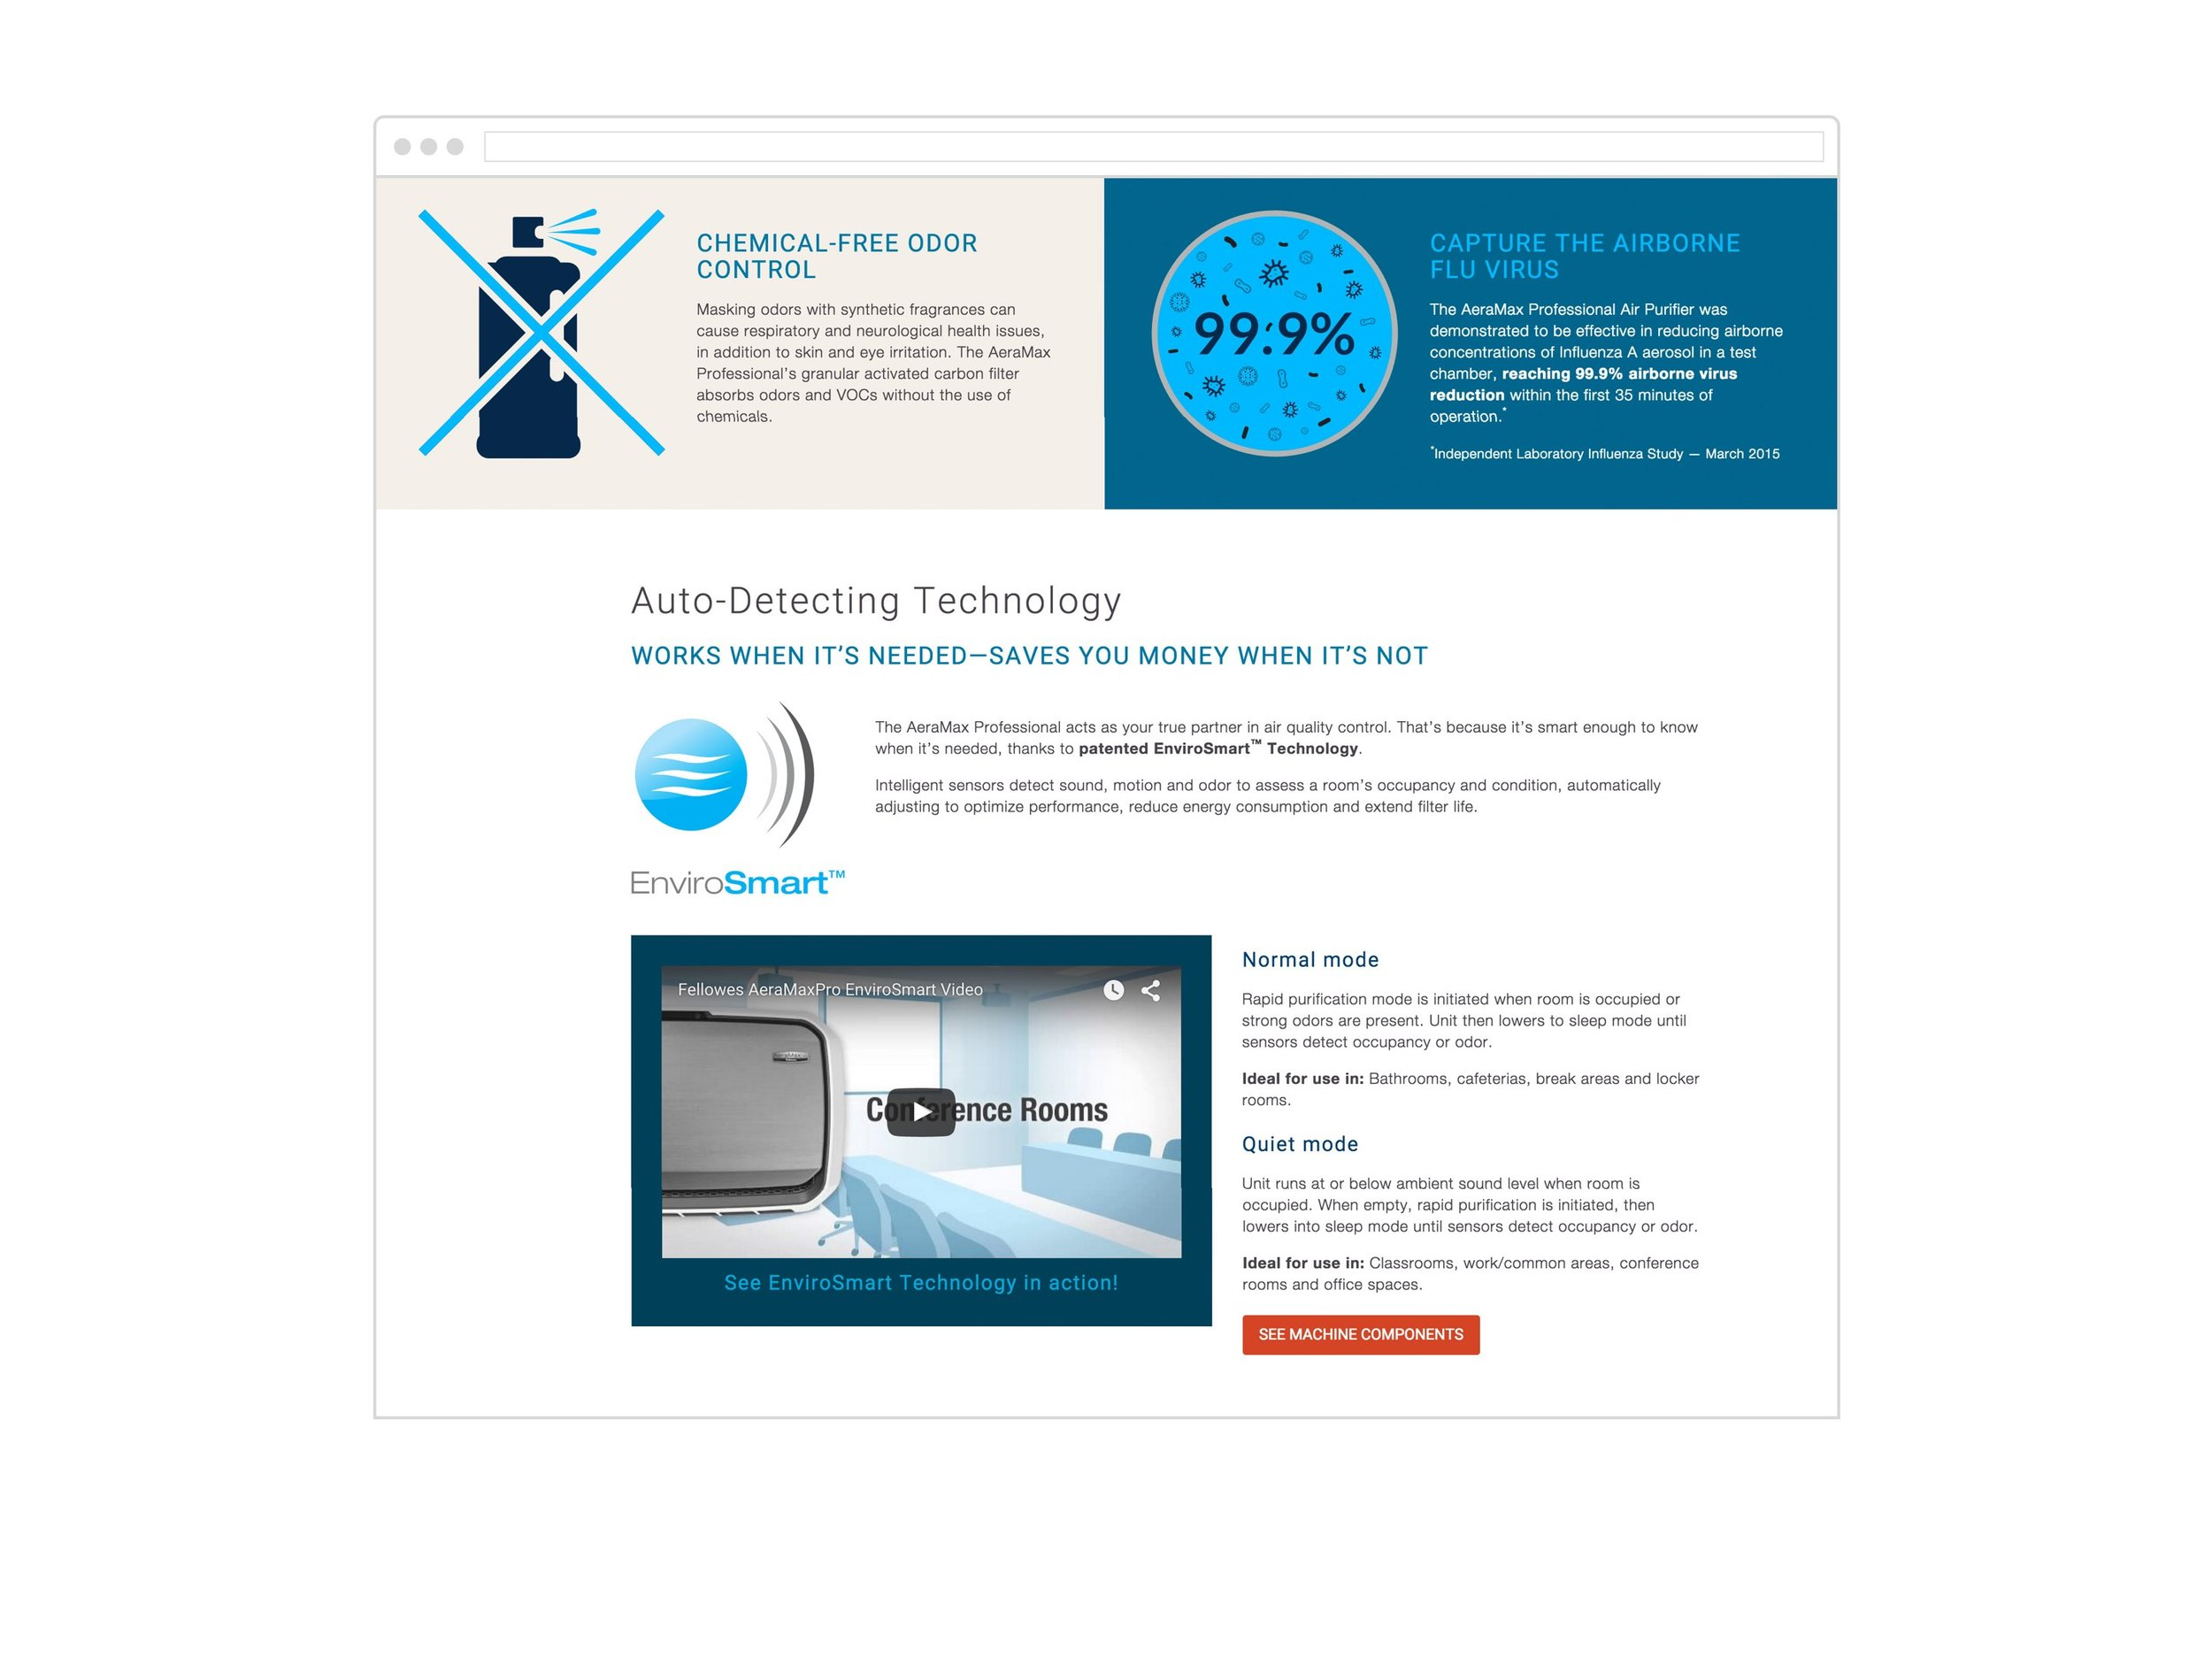 aeramax-how it works 2.jpg